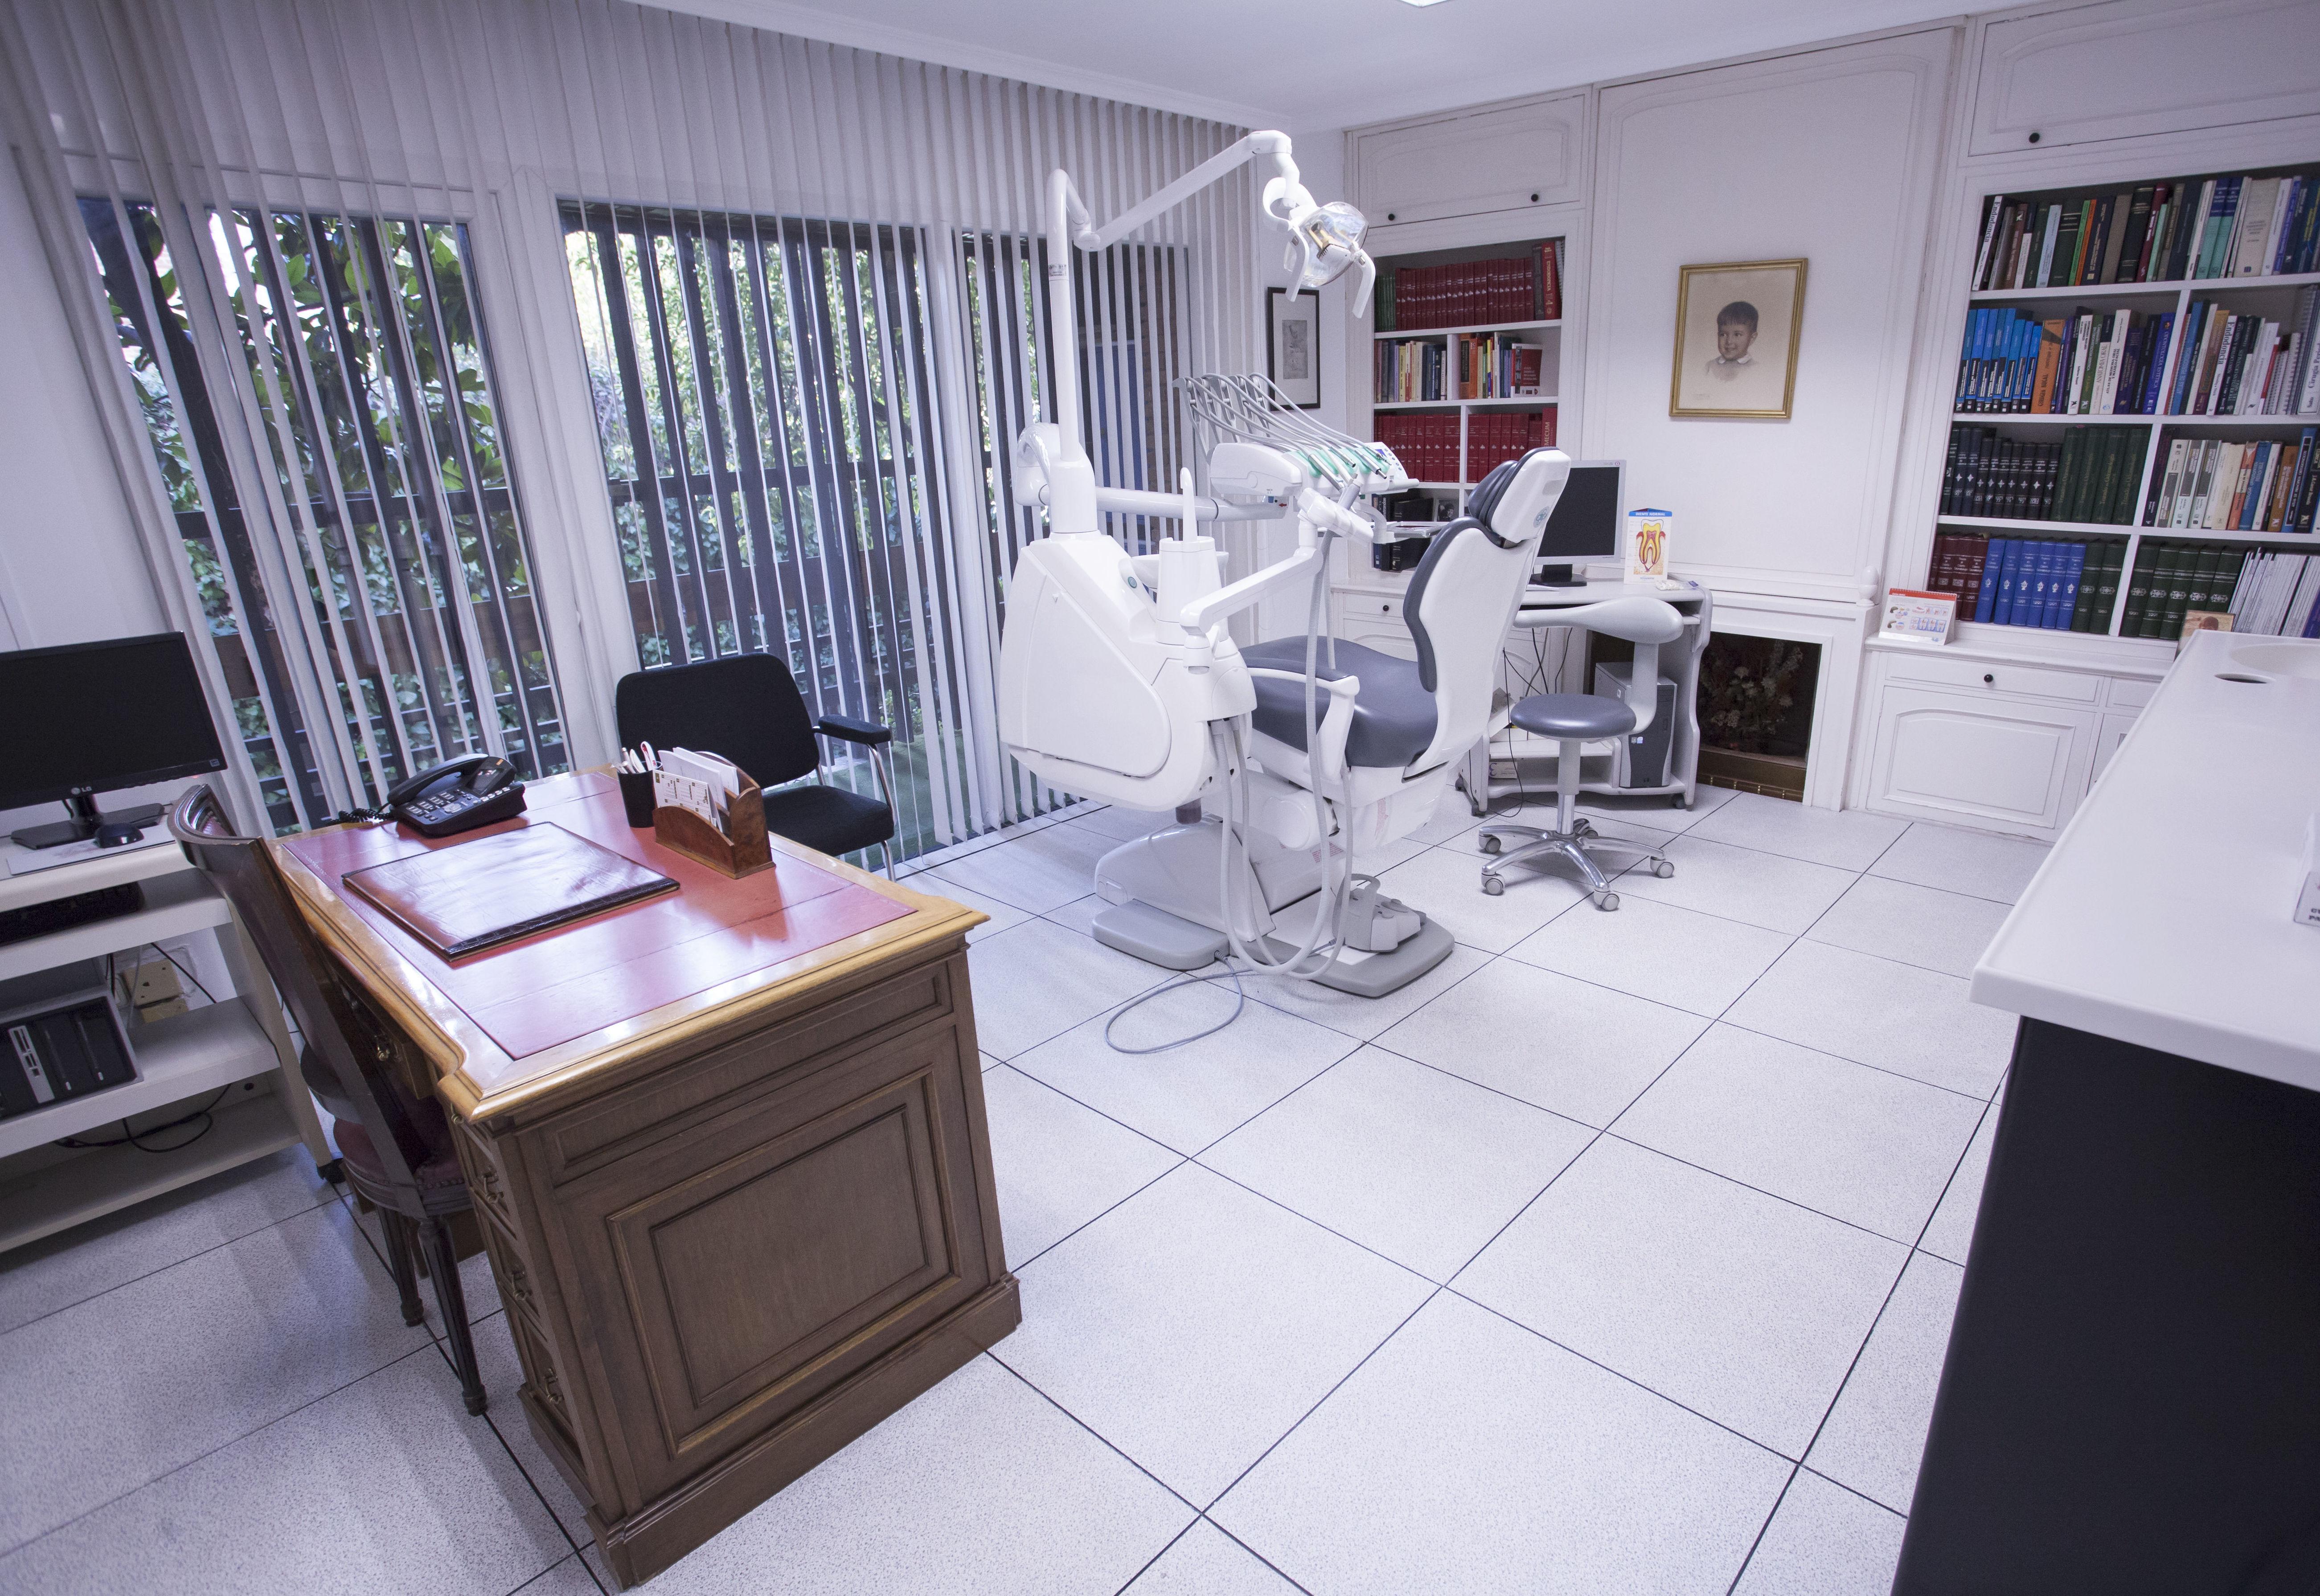 Foto 23 de Clínica dental en Madrid | Clínica Dental Dres. Nuñez García